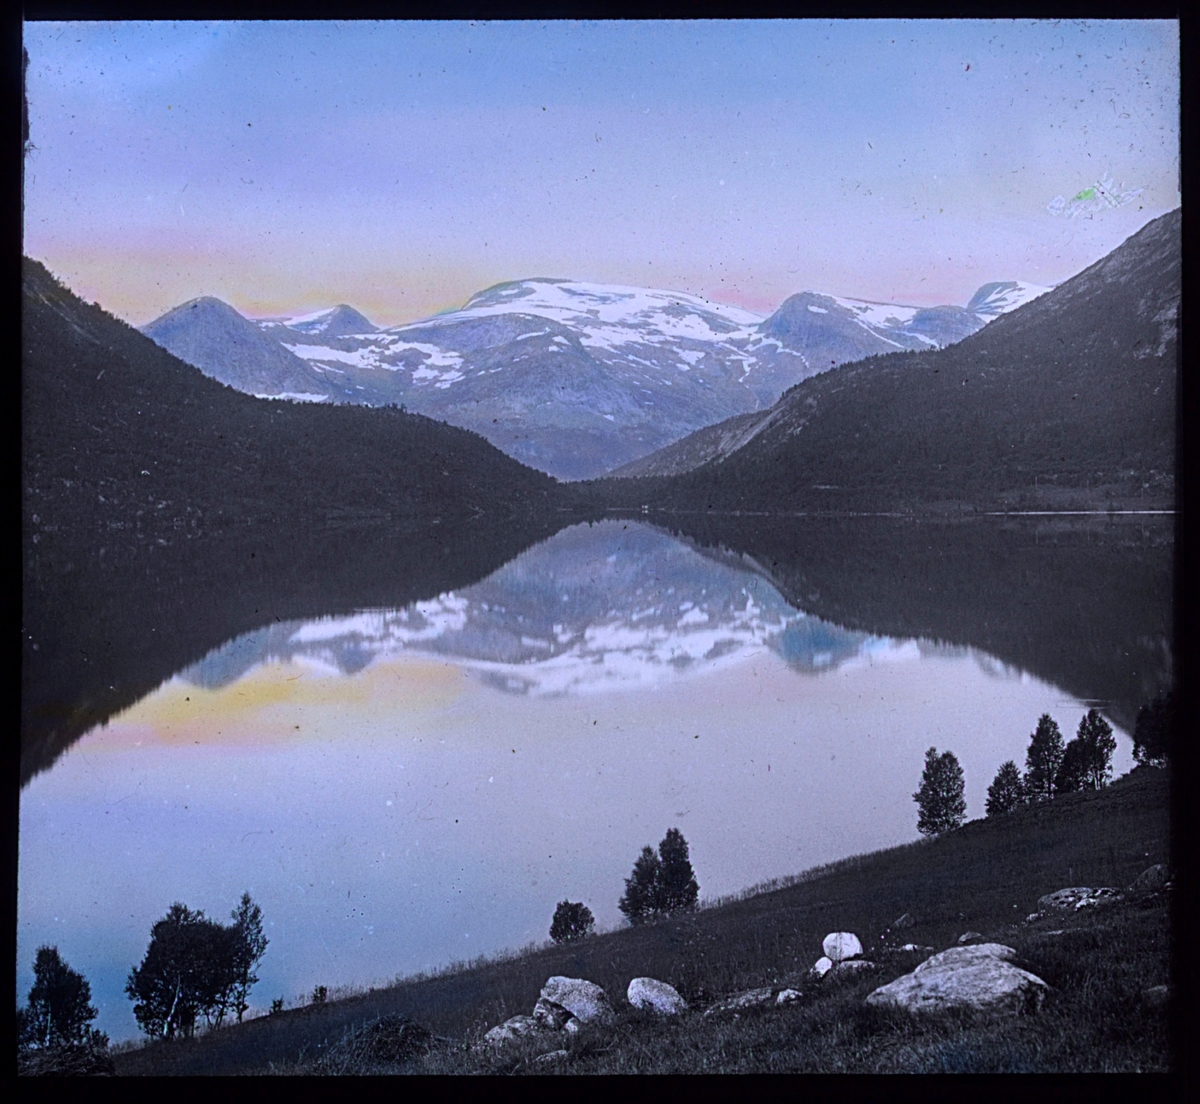 """""""N.842. Nordlandsnatur. N. 13. Håndkolorert av Alf Schrøder. Bildet viser et blankstille vann eller en fjord, med fjell med snø i bakgrunnen. Det er snøflekker i fjellet, men ved vannet står det bjørketrær med grønt løv. Bildet er kolorert med fargen fra sola på himmelen, muligens er det midnattsolen som er gjenskapt i pasteller med gult og rosa. Fjellet og landskapet speiler seg i vannet."""